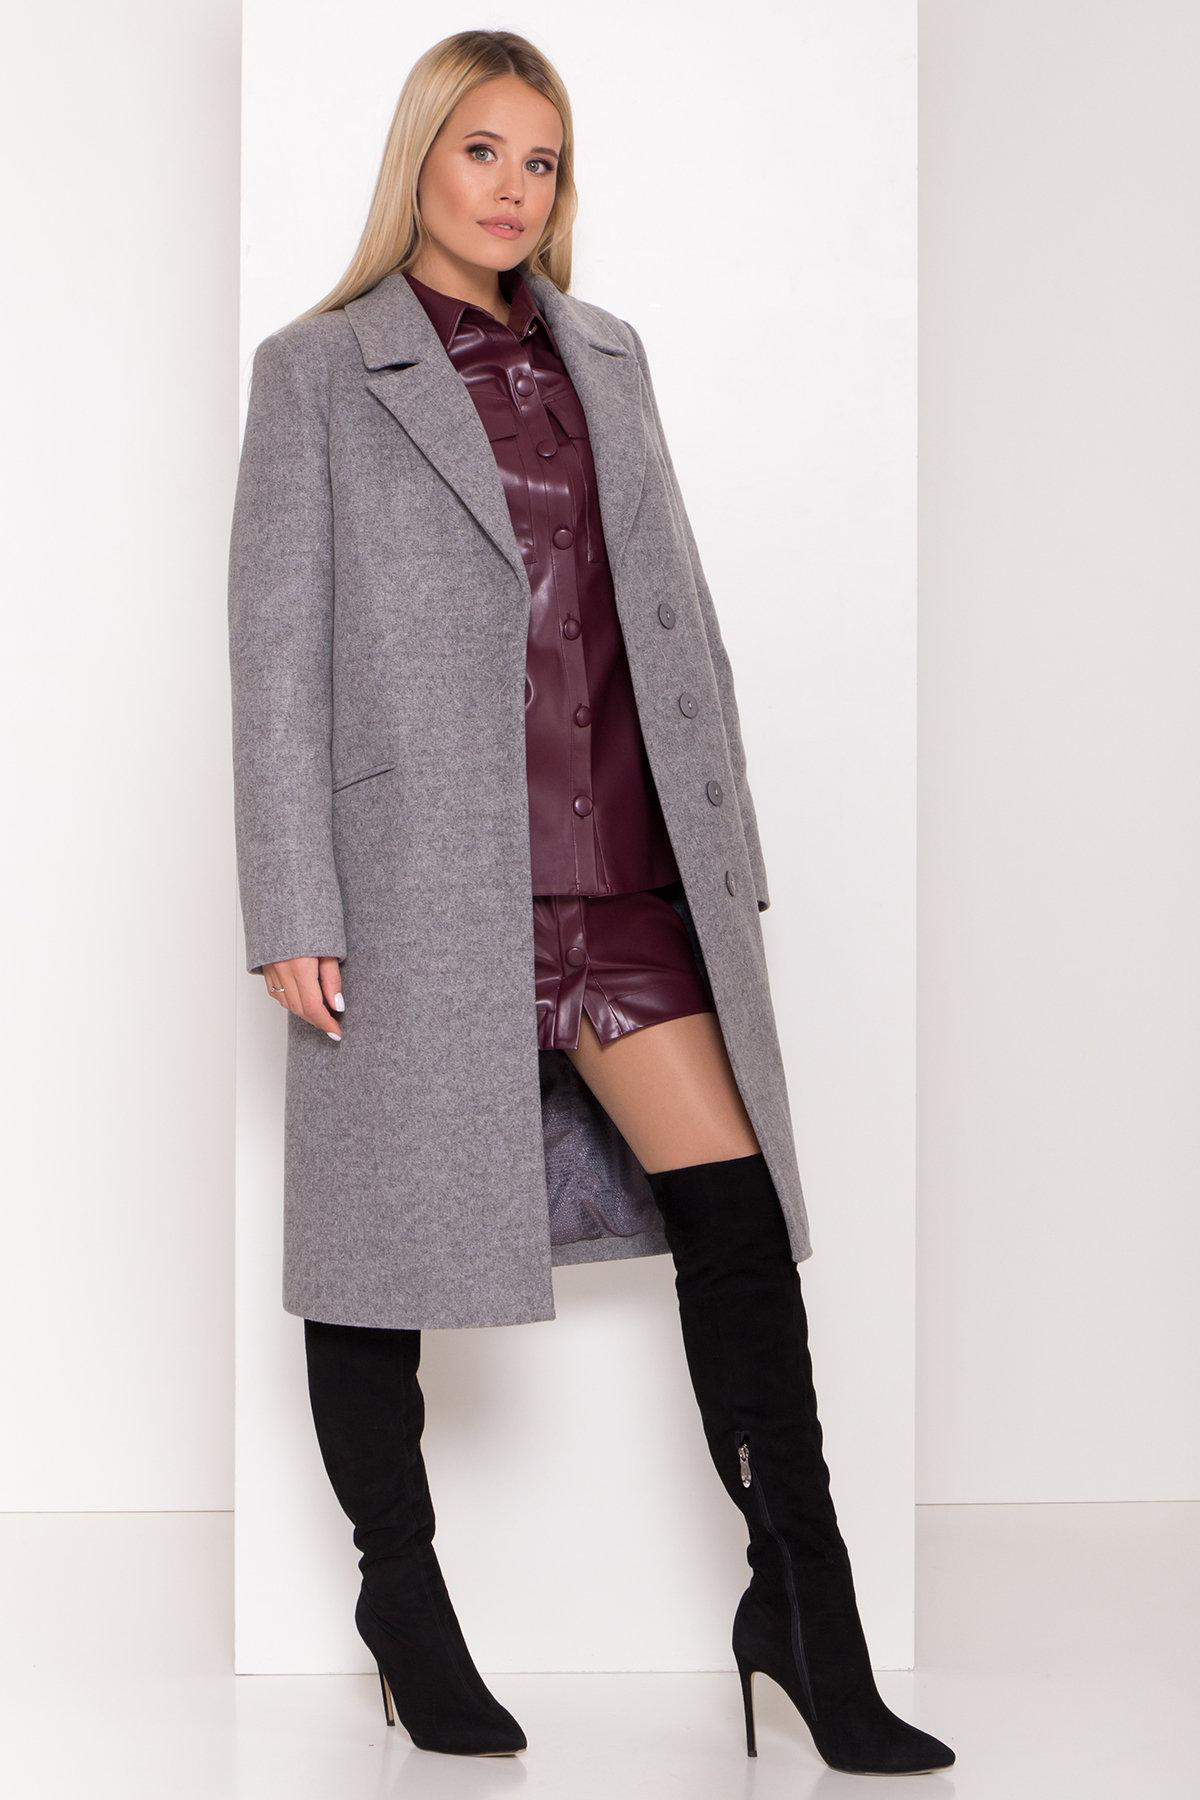 Пальто зима в классическом стиле Реджи классик 8200 Цвет: Серый 1